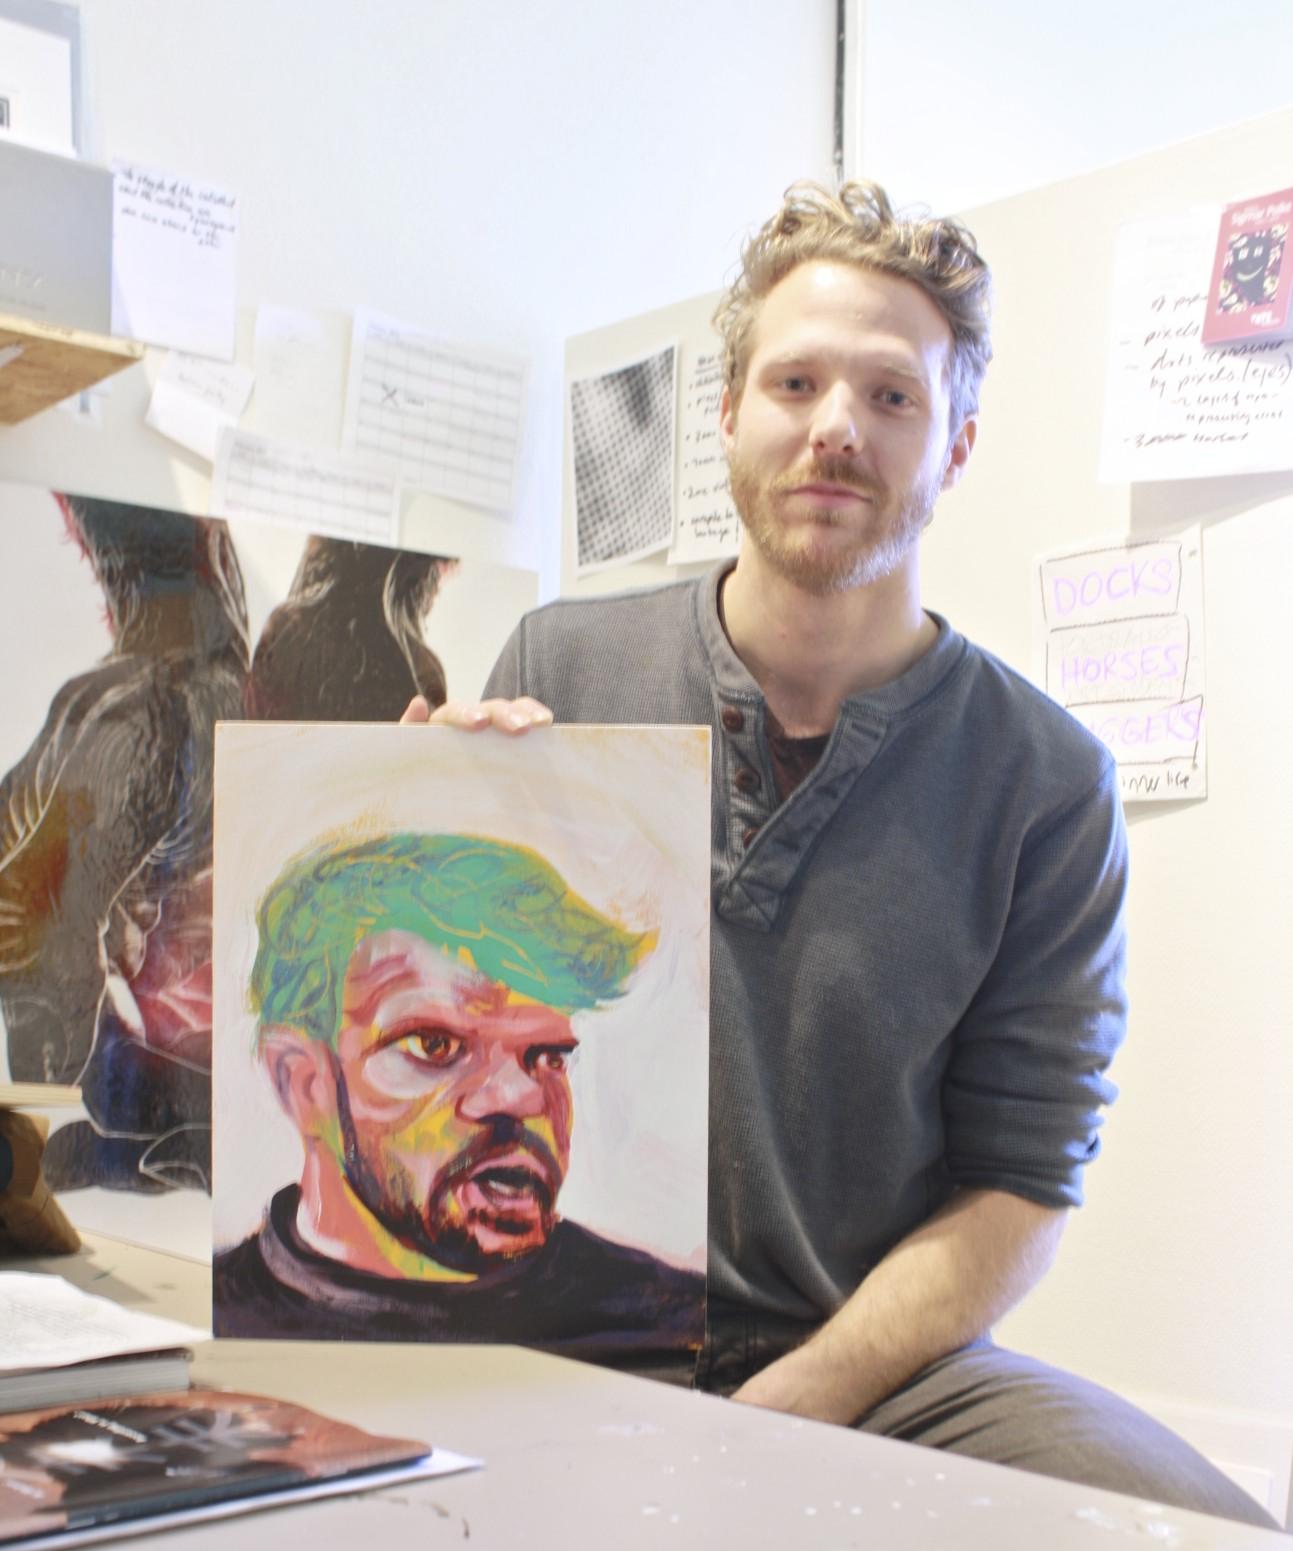 Nic Vandergugten with portrait of Cameron Kidd, Feb 2015